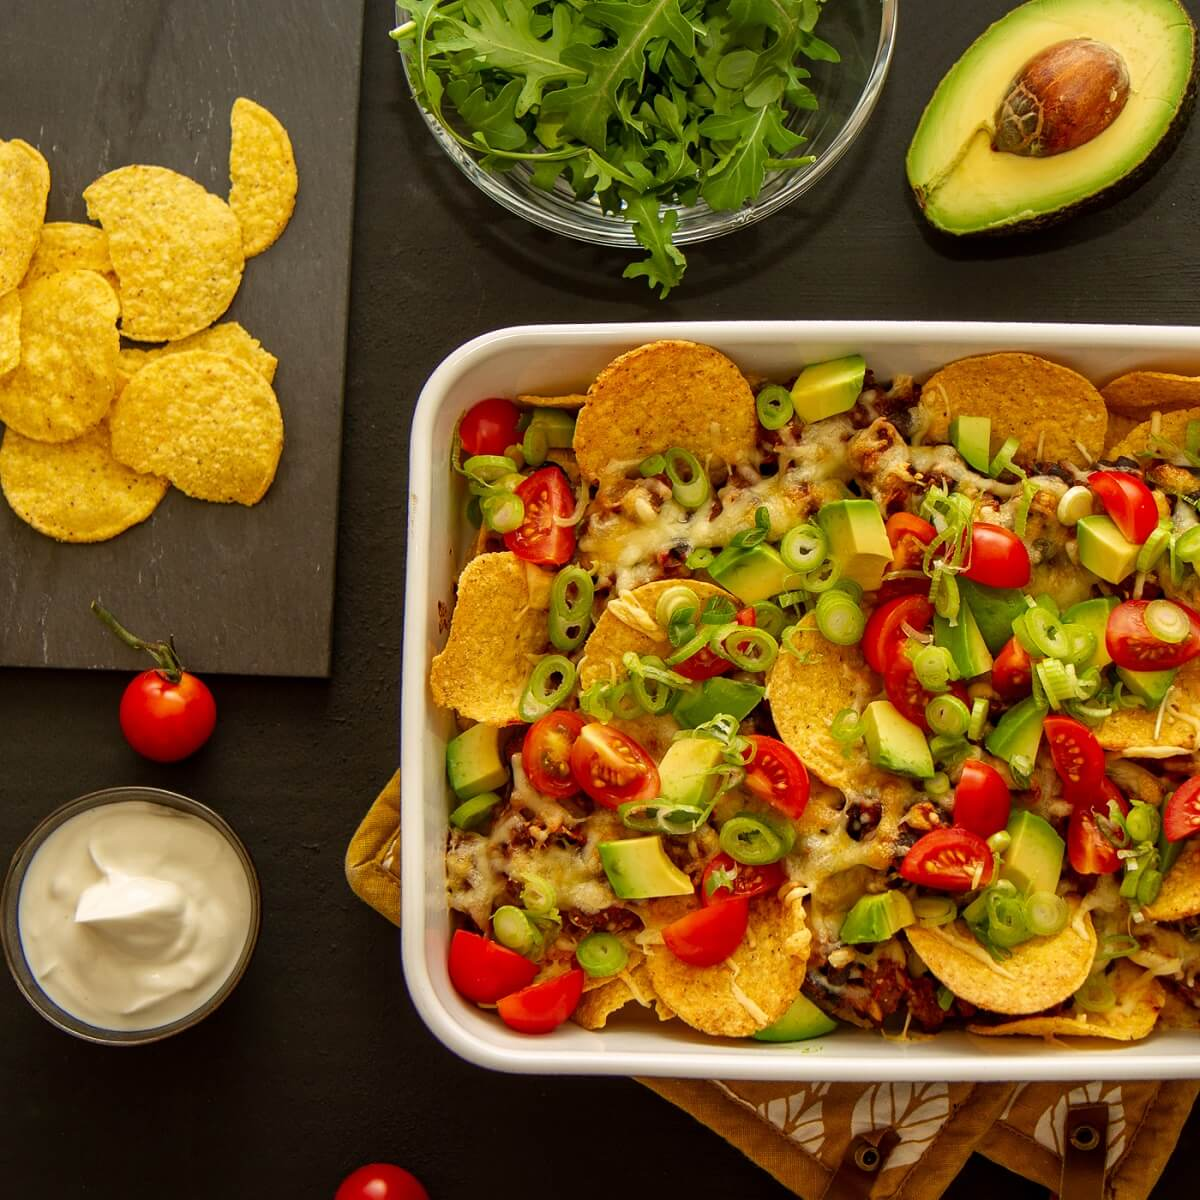 Nachosform med vårlåk, tomat og avokado